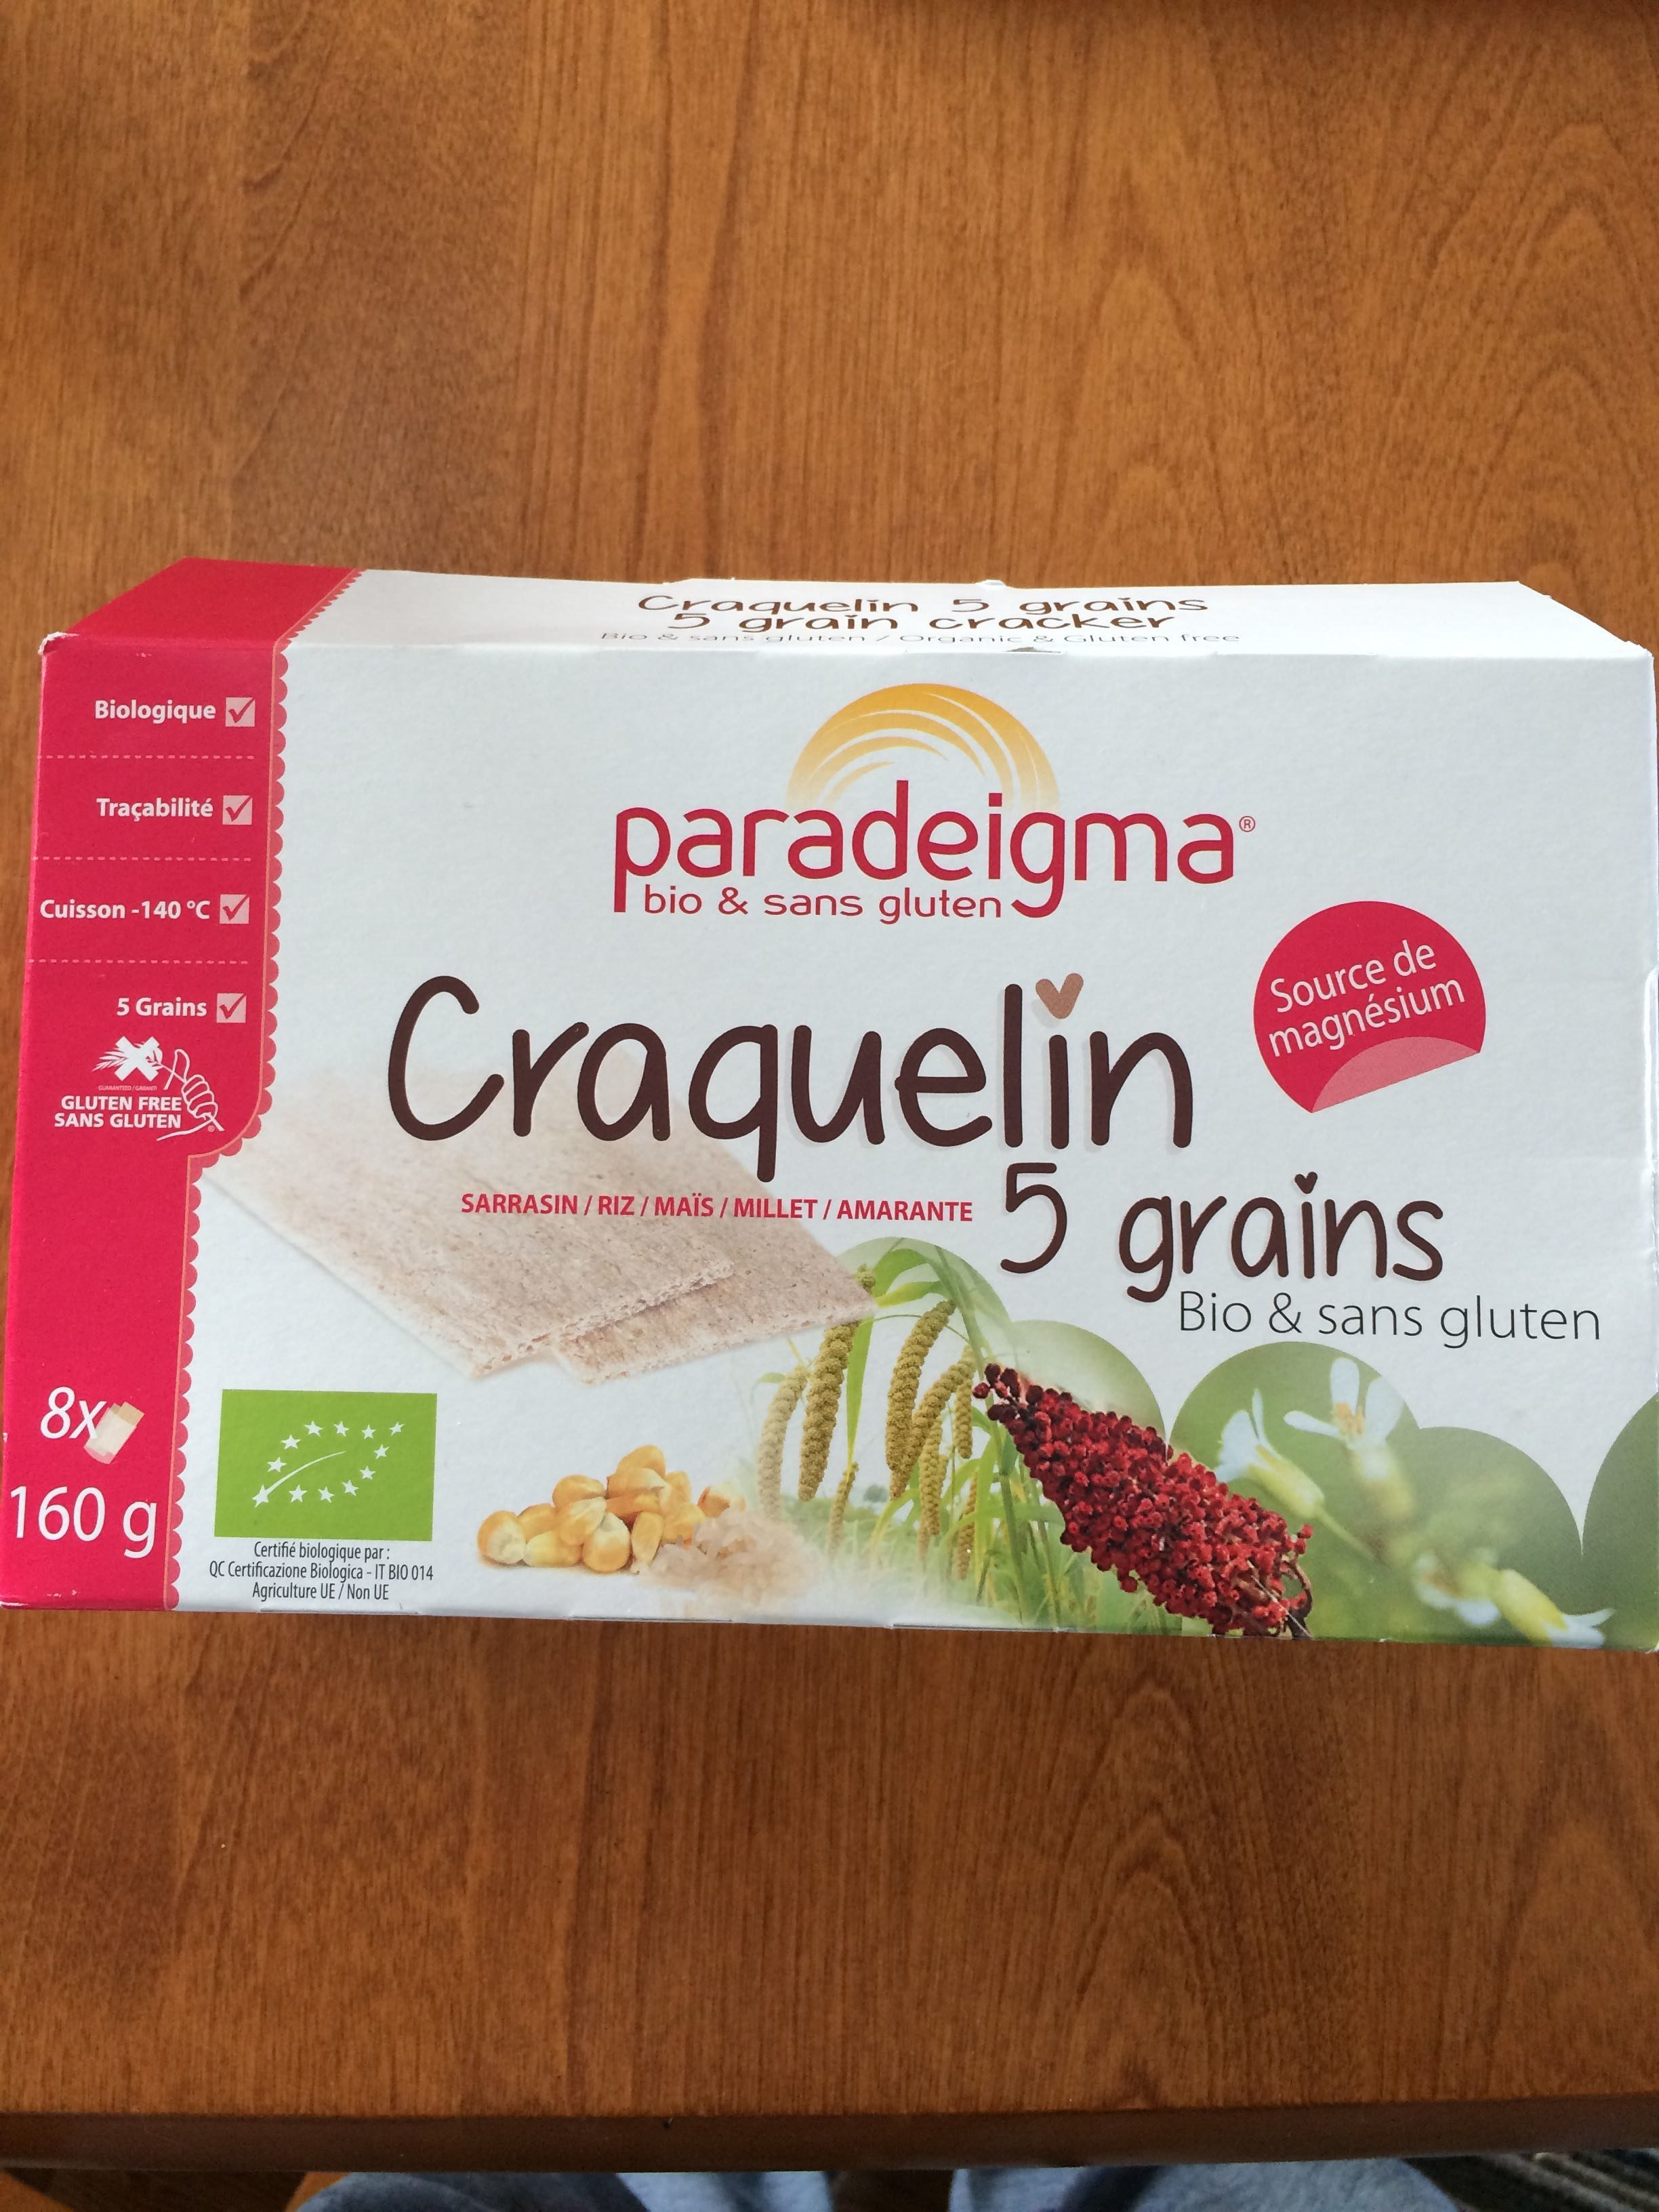 Craquelin 5Grains - Product - fr